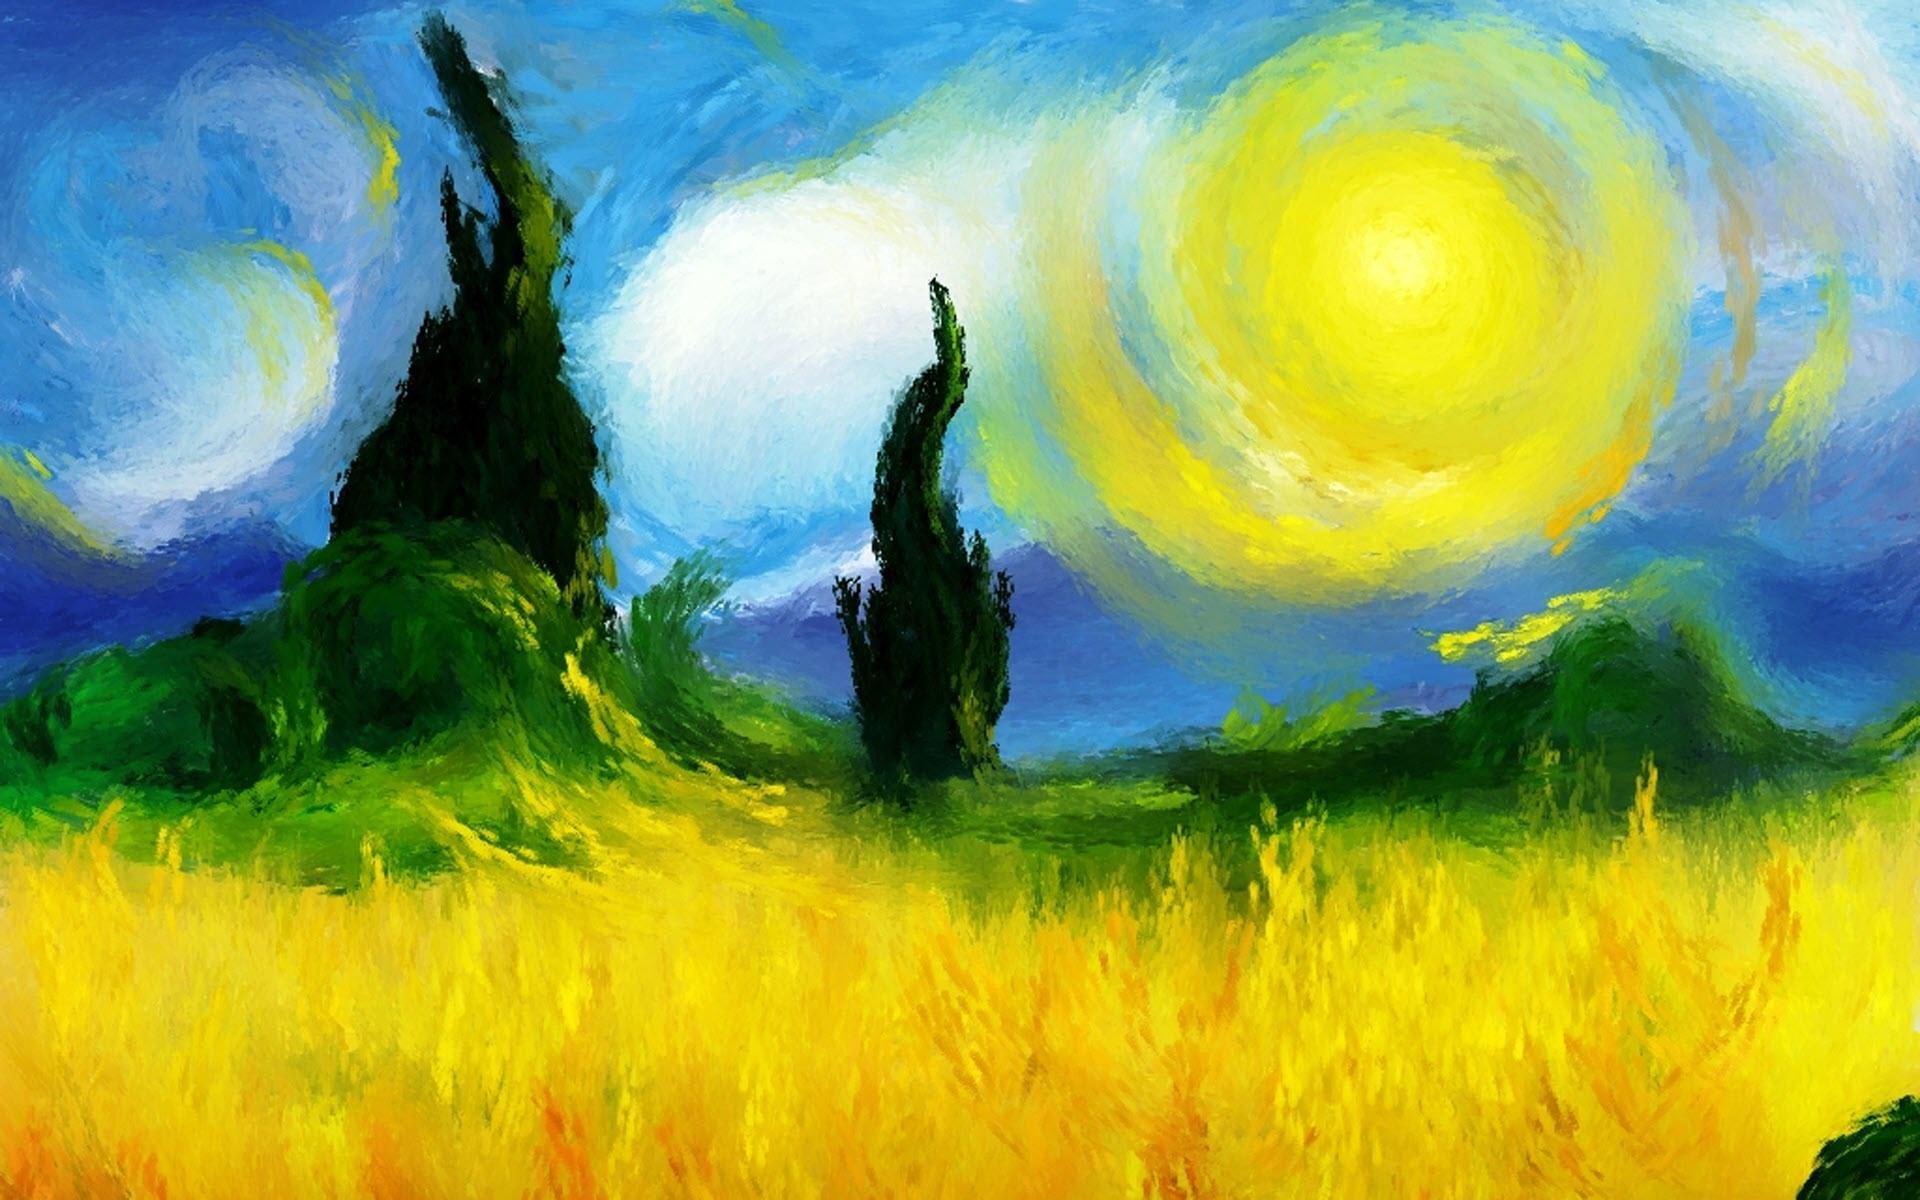 Impressionist Wallpaper 1920x1200